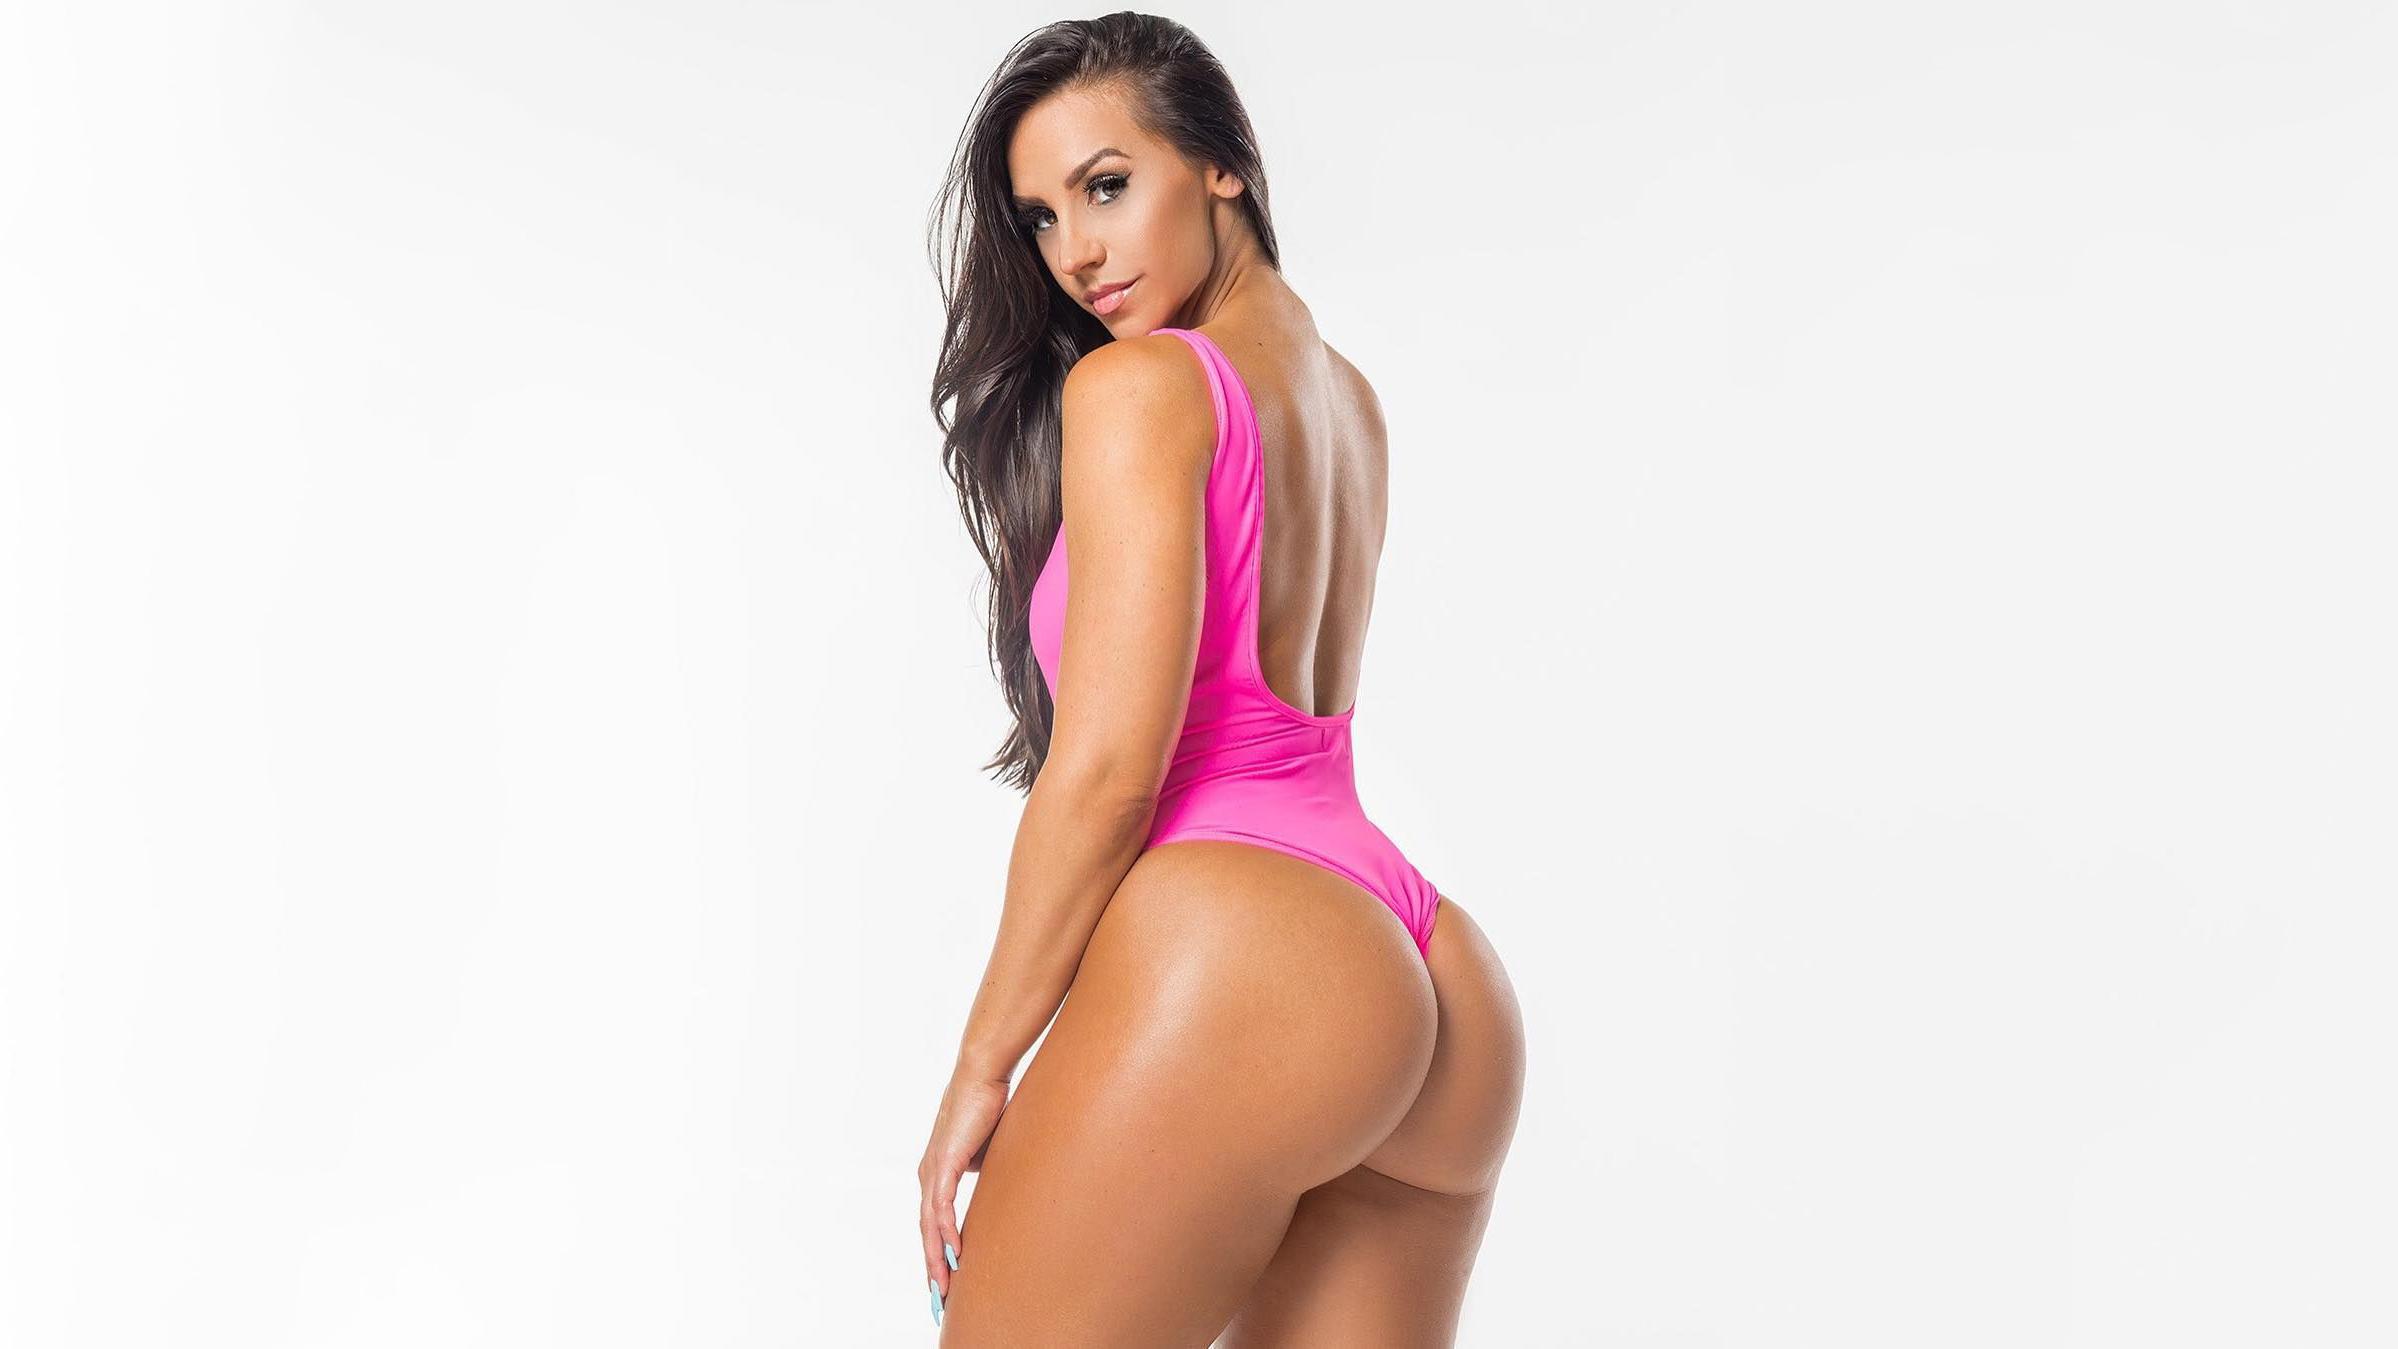 Big wet asses bigwetasses model vip oiled sex dvd sex hd pics